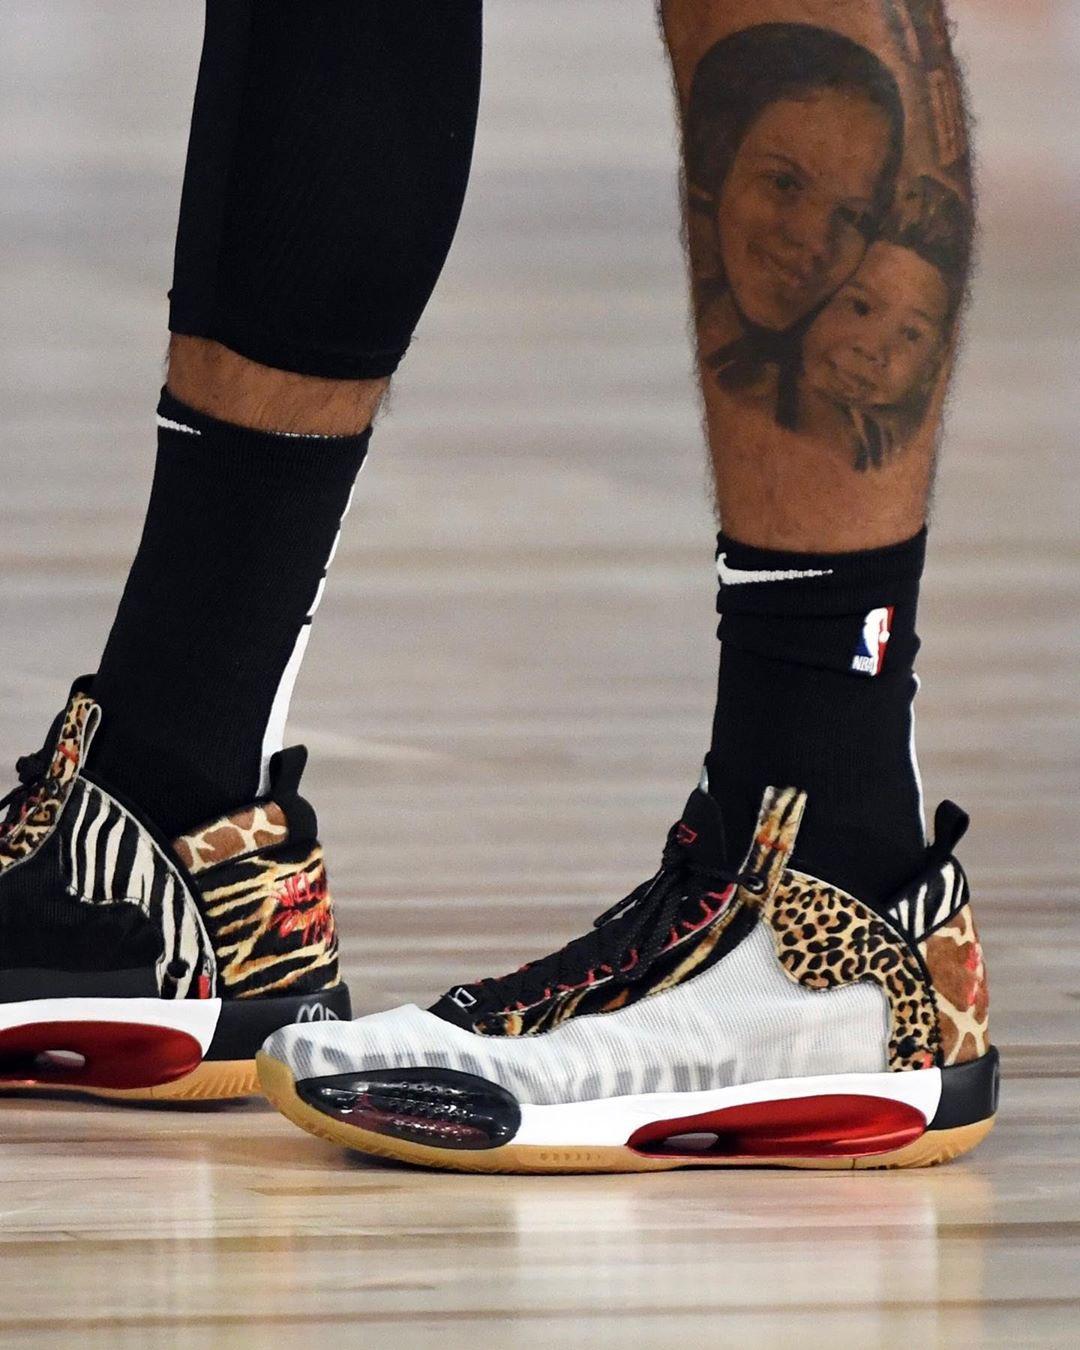 """塔特姆在今天的比赛中穿着""""ZOO""""个人定制版球鞋"""